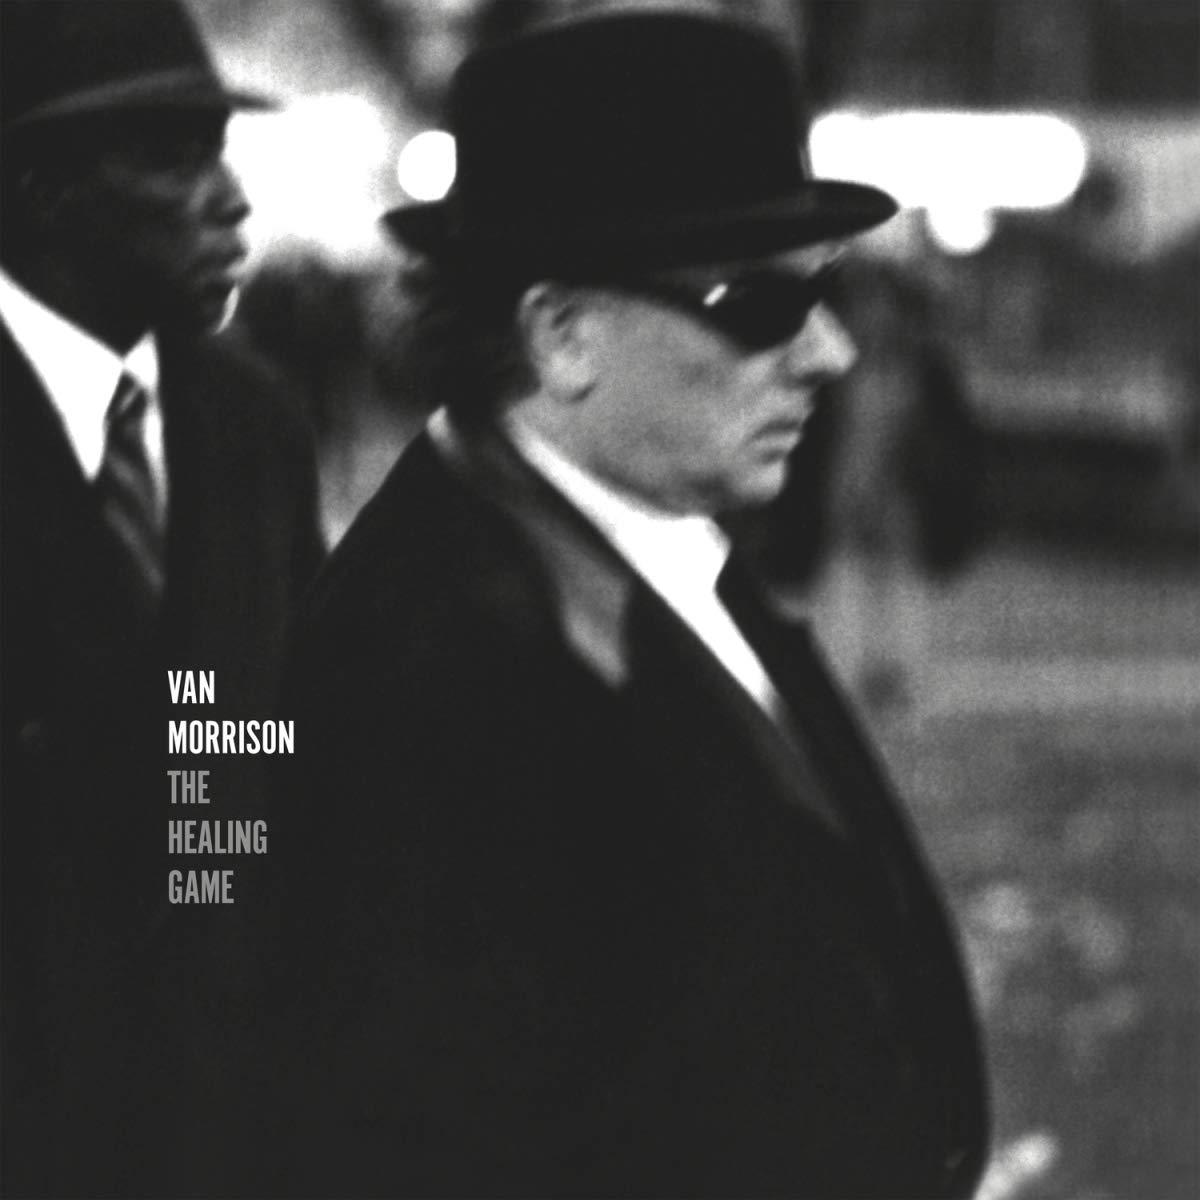 Vinilo : Van Morrison - The Healing Game (150 Gram Vinyl)